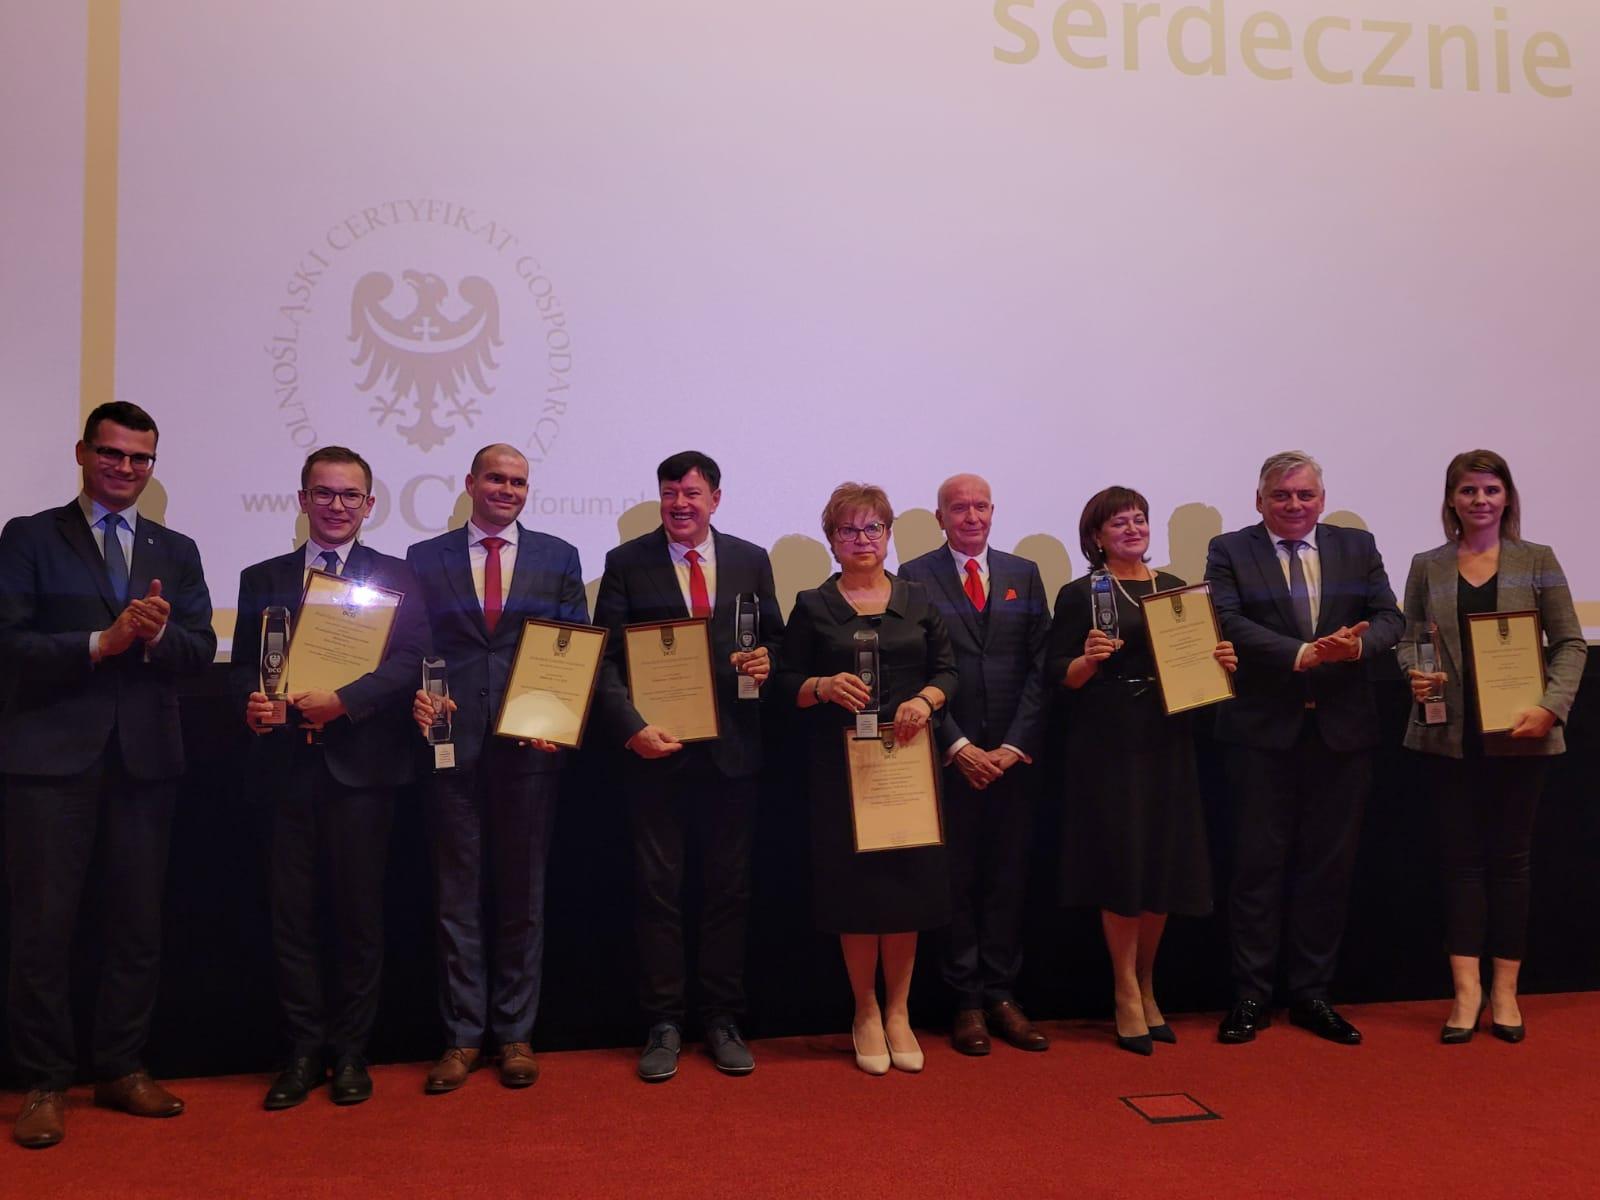 Dolnośląski Certyfikat Gospodarczy